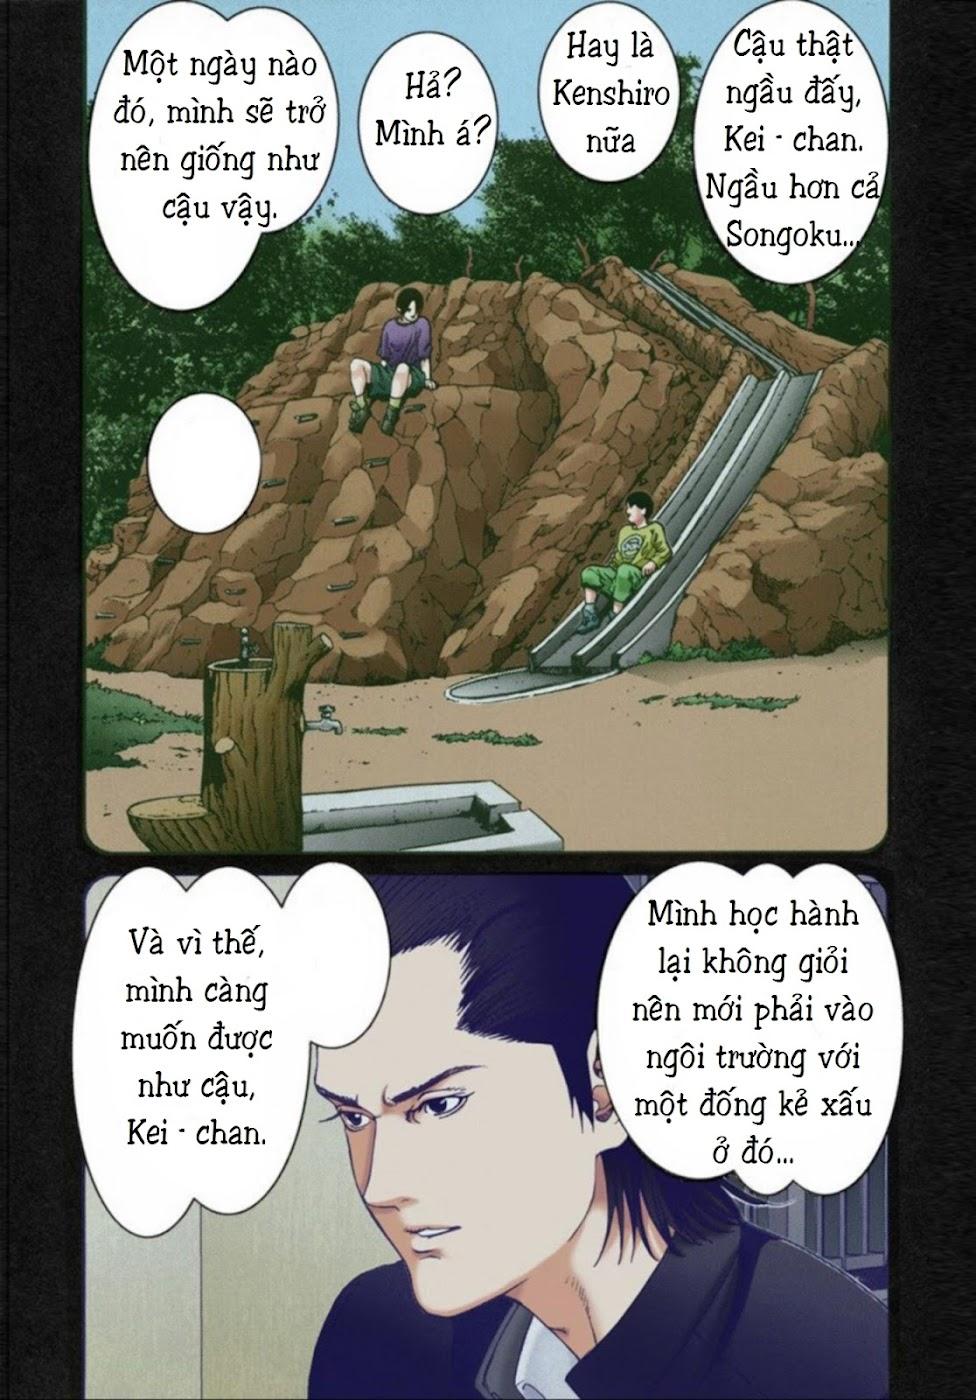 Gantz Chap 14: Không sợ trang 11